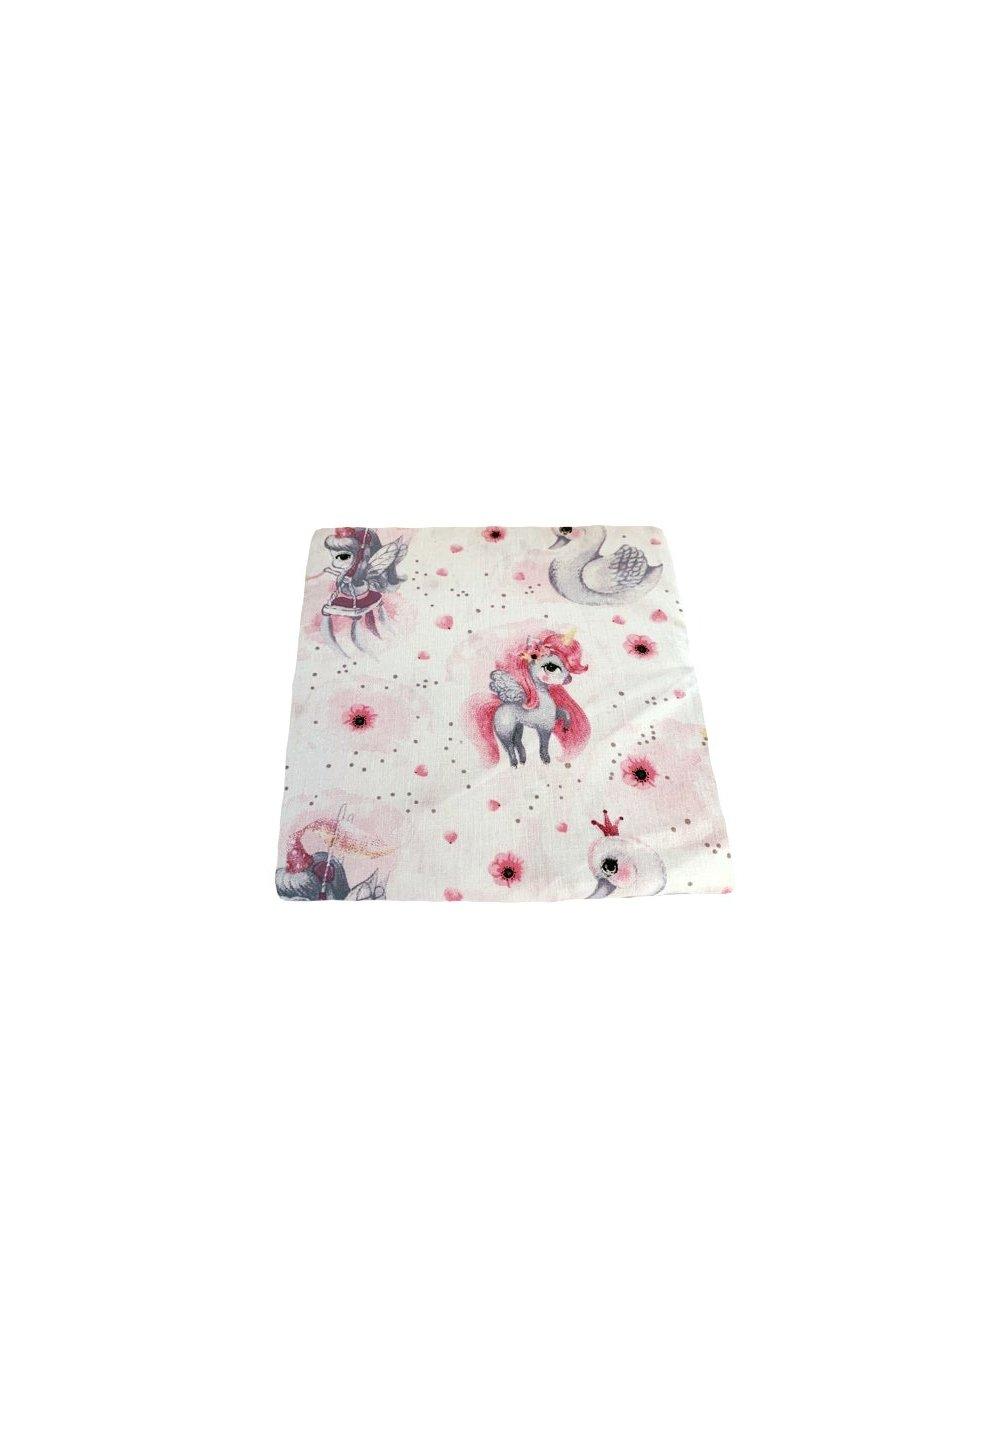 Cearceaf patut, Unicornul roz, 120x60 cm imagine